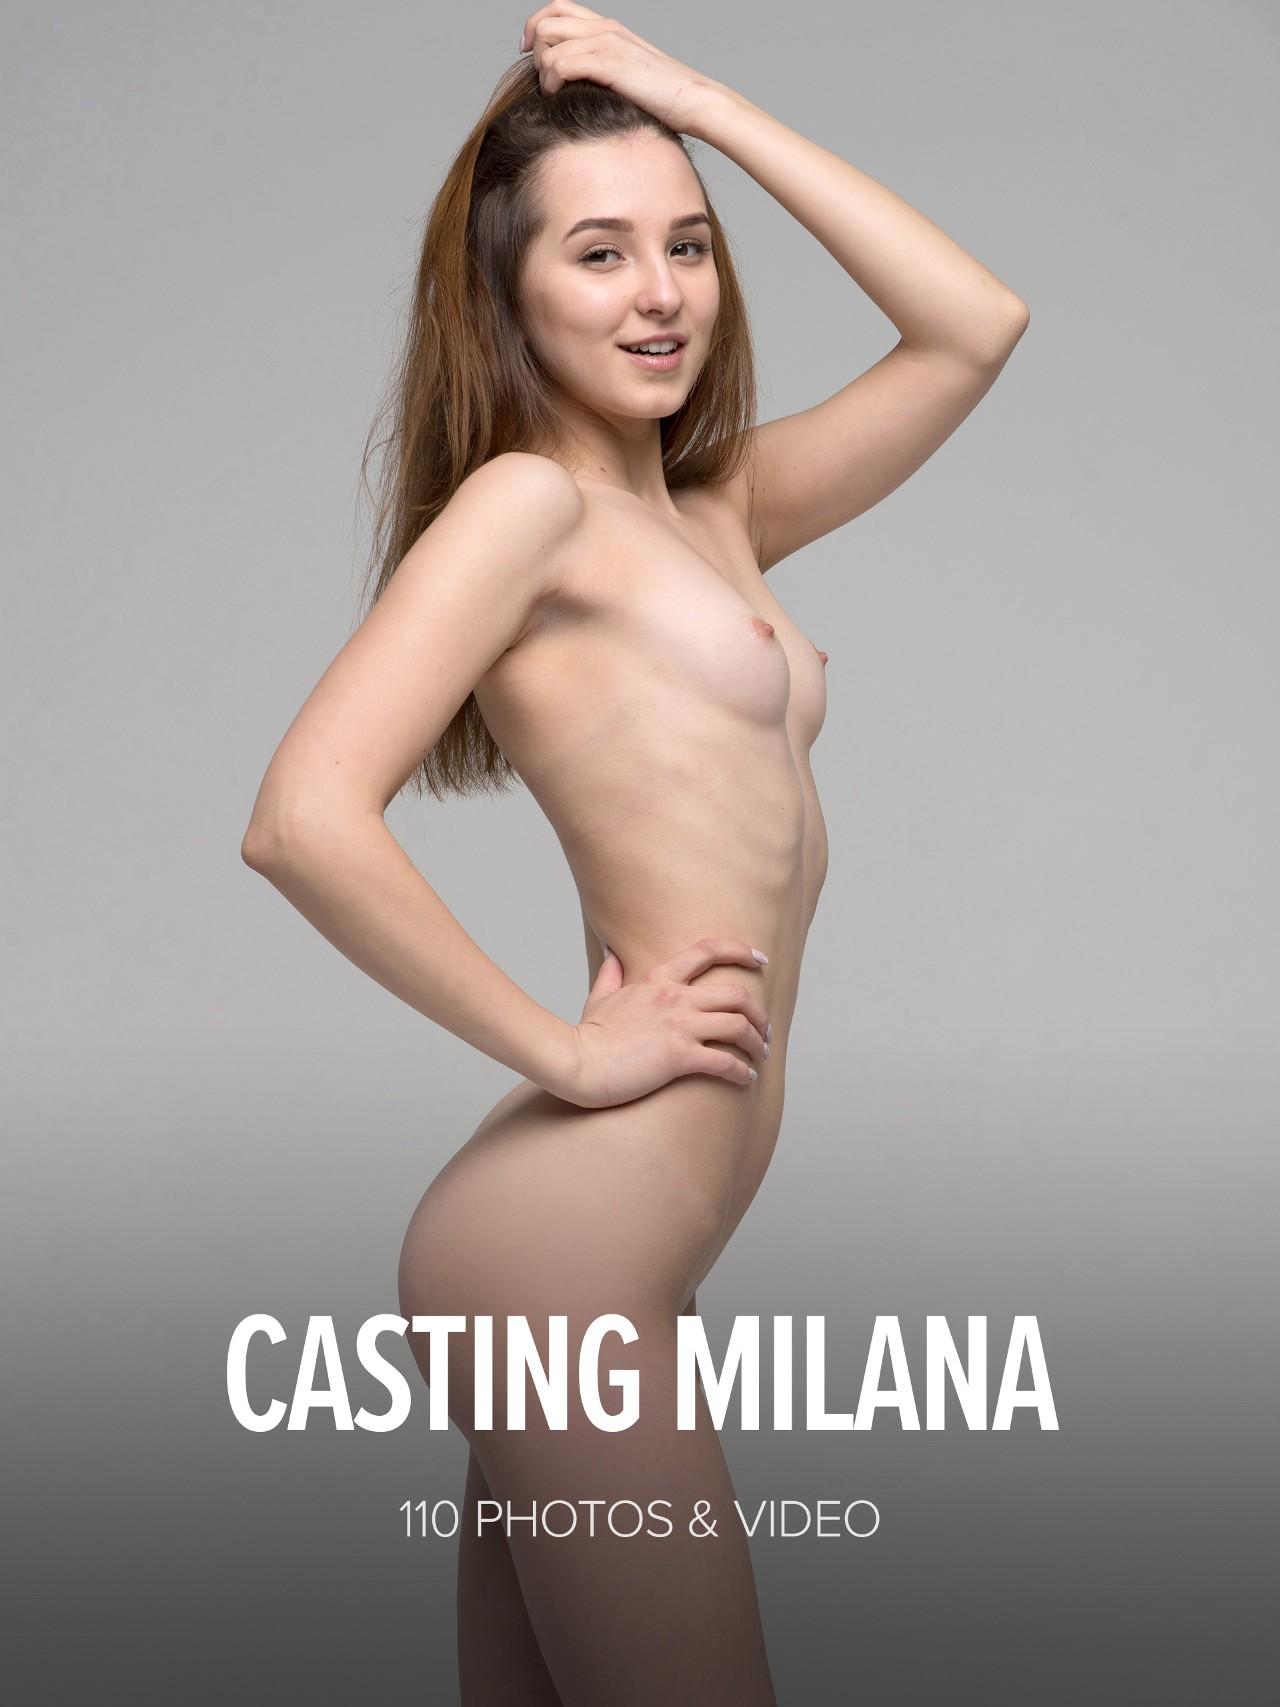 Milana: CASTING Milana